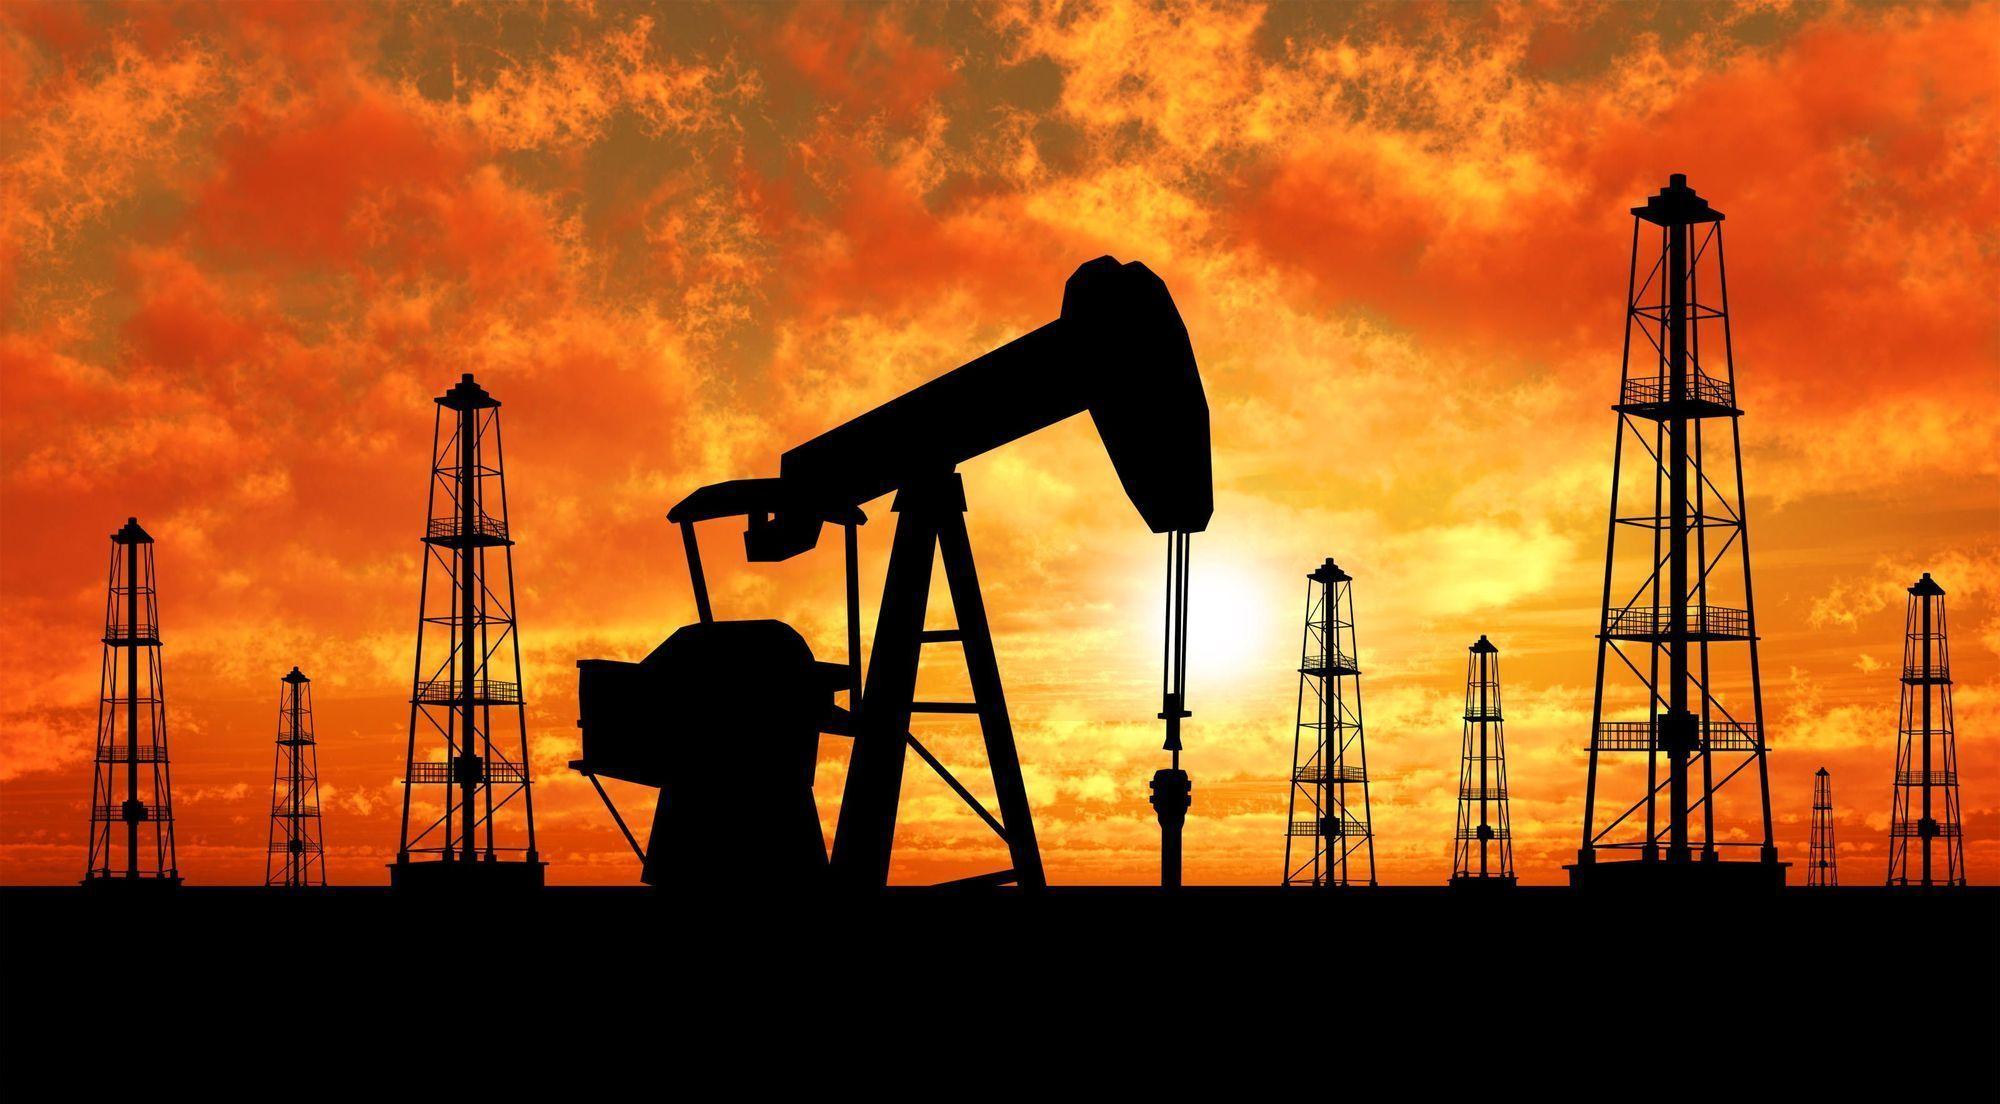 Ο Ηλίας Καραβόλιας εξηγεί τι σημαίνει η μηδενική τιμή στο πετρέλαιο. Μπορεί κάποιοι να είχαν προβλέψει ότι ο κορωνοϊός θα μηδένιζε αξίες, αλλά όχι τόσο σύντομα. Το ζήτημα είναι να μην μηδενιστεί και το ανθρώπινο κεφάλαιο, δηλαδή οι μισθοί των εργαζομένων. new deal